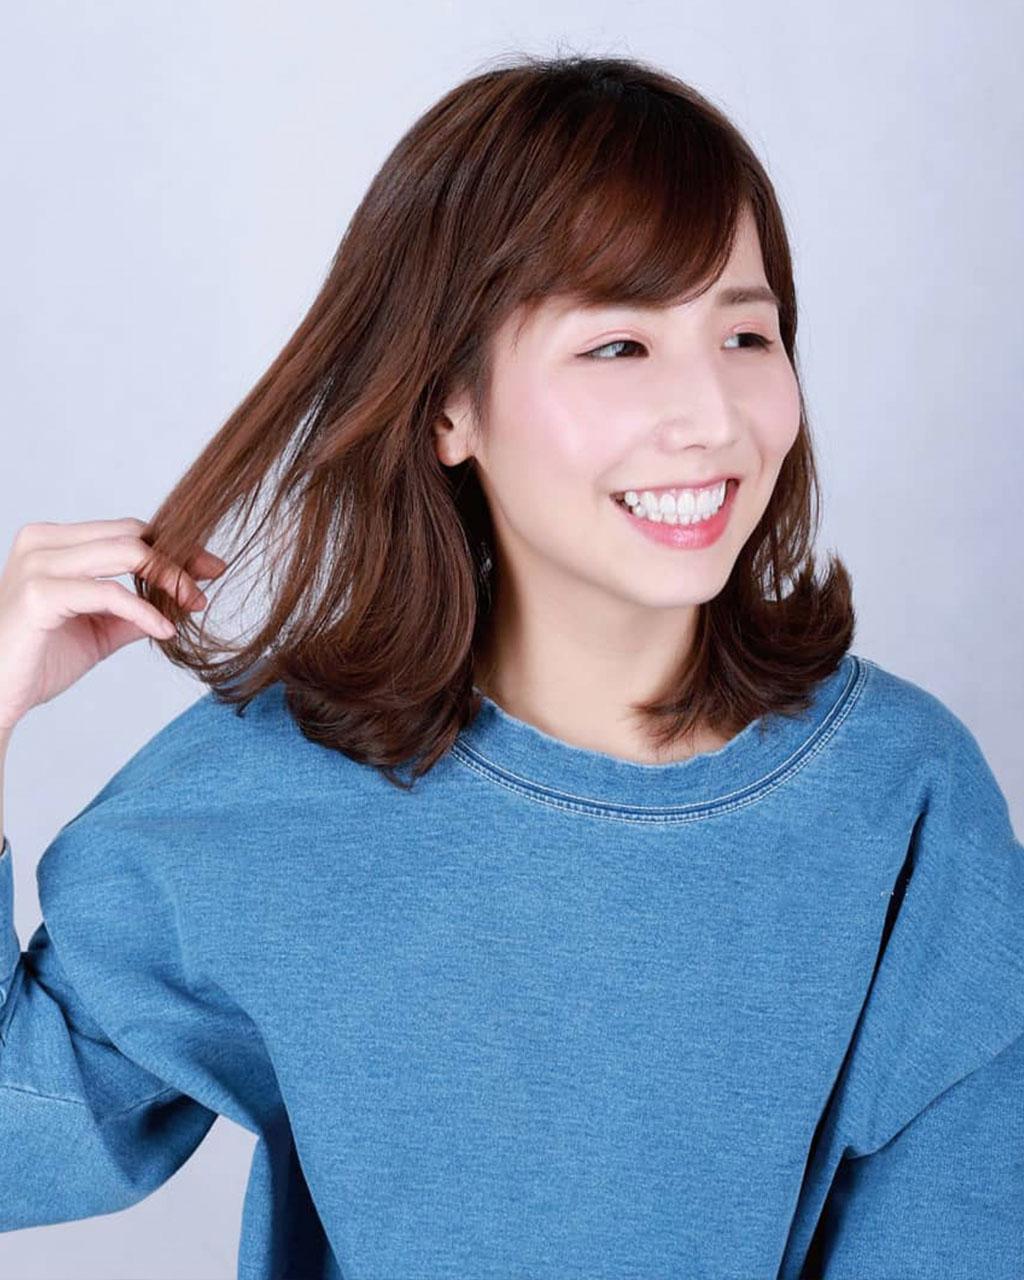 陶瓷貼片-牙齒矯正後美白-台中牙齒美白貼片推薦-吳國綸醫師